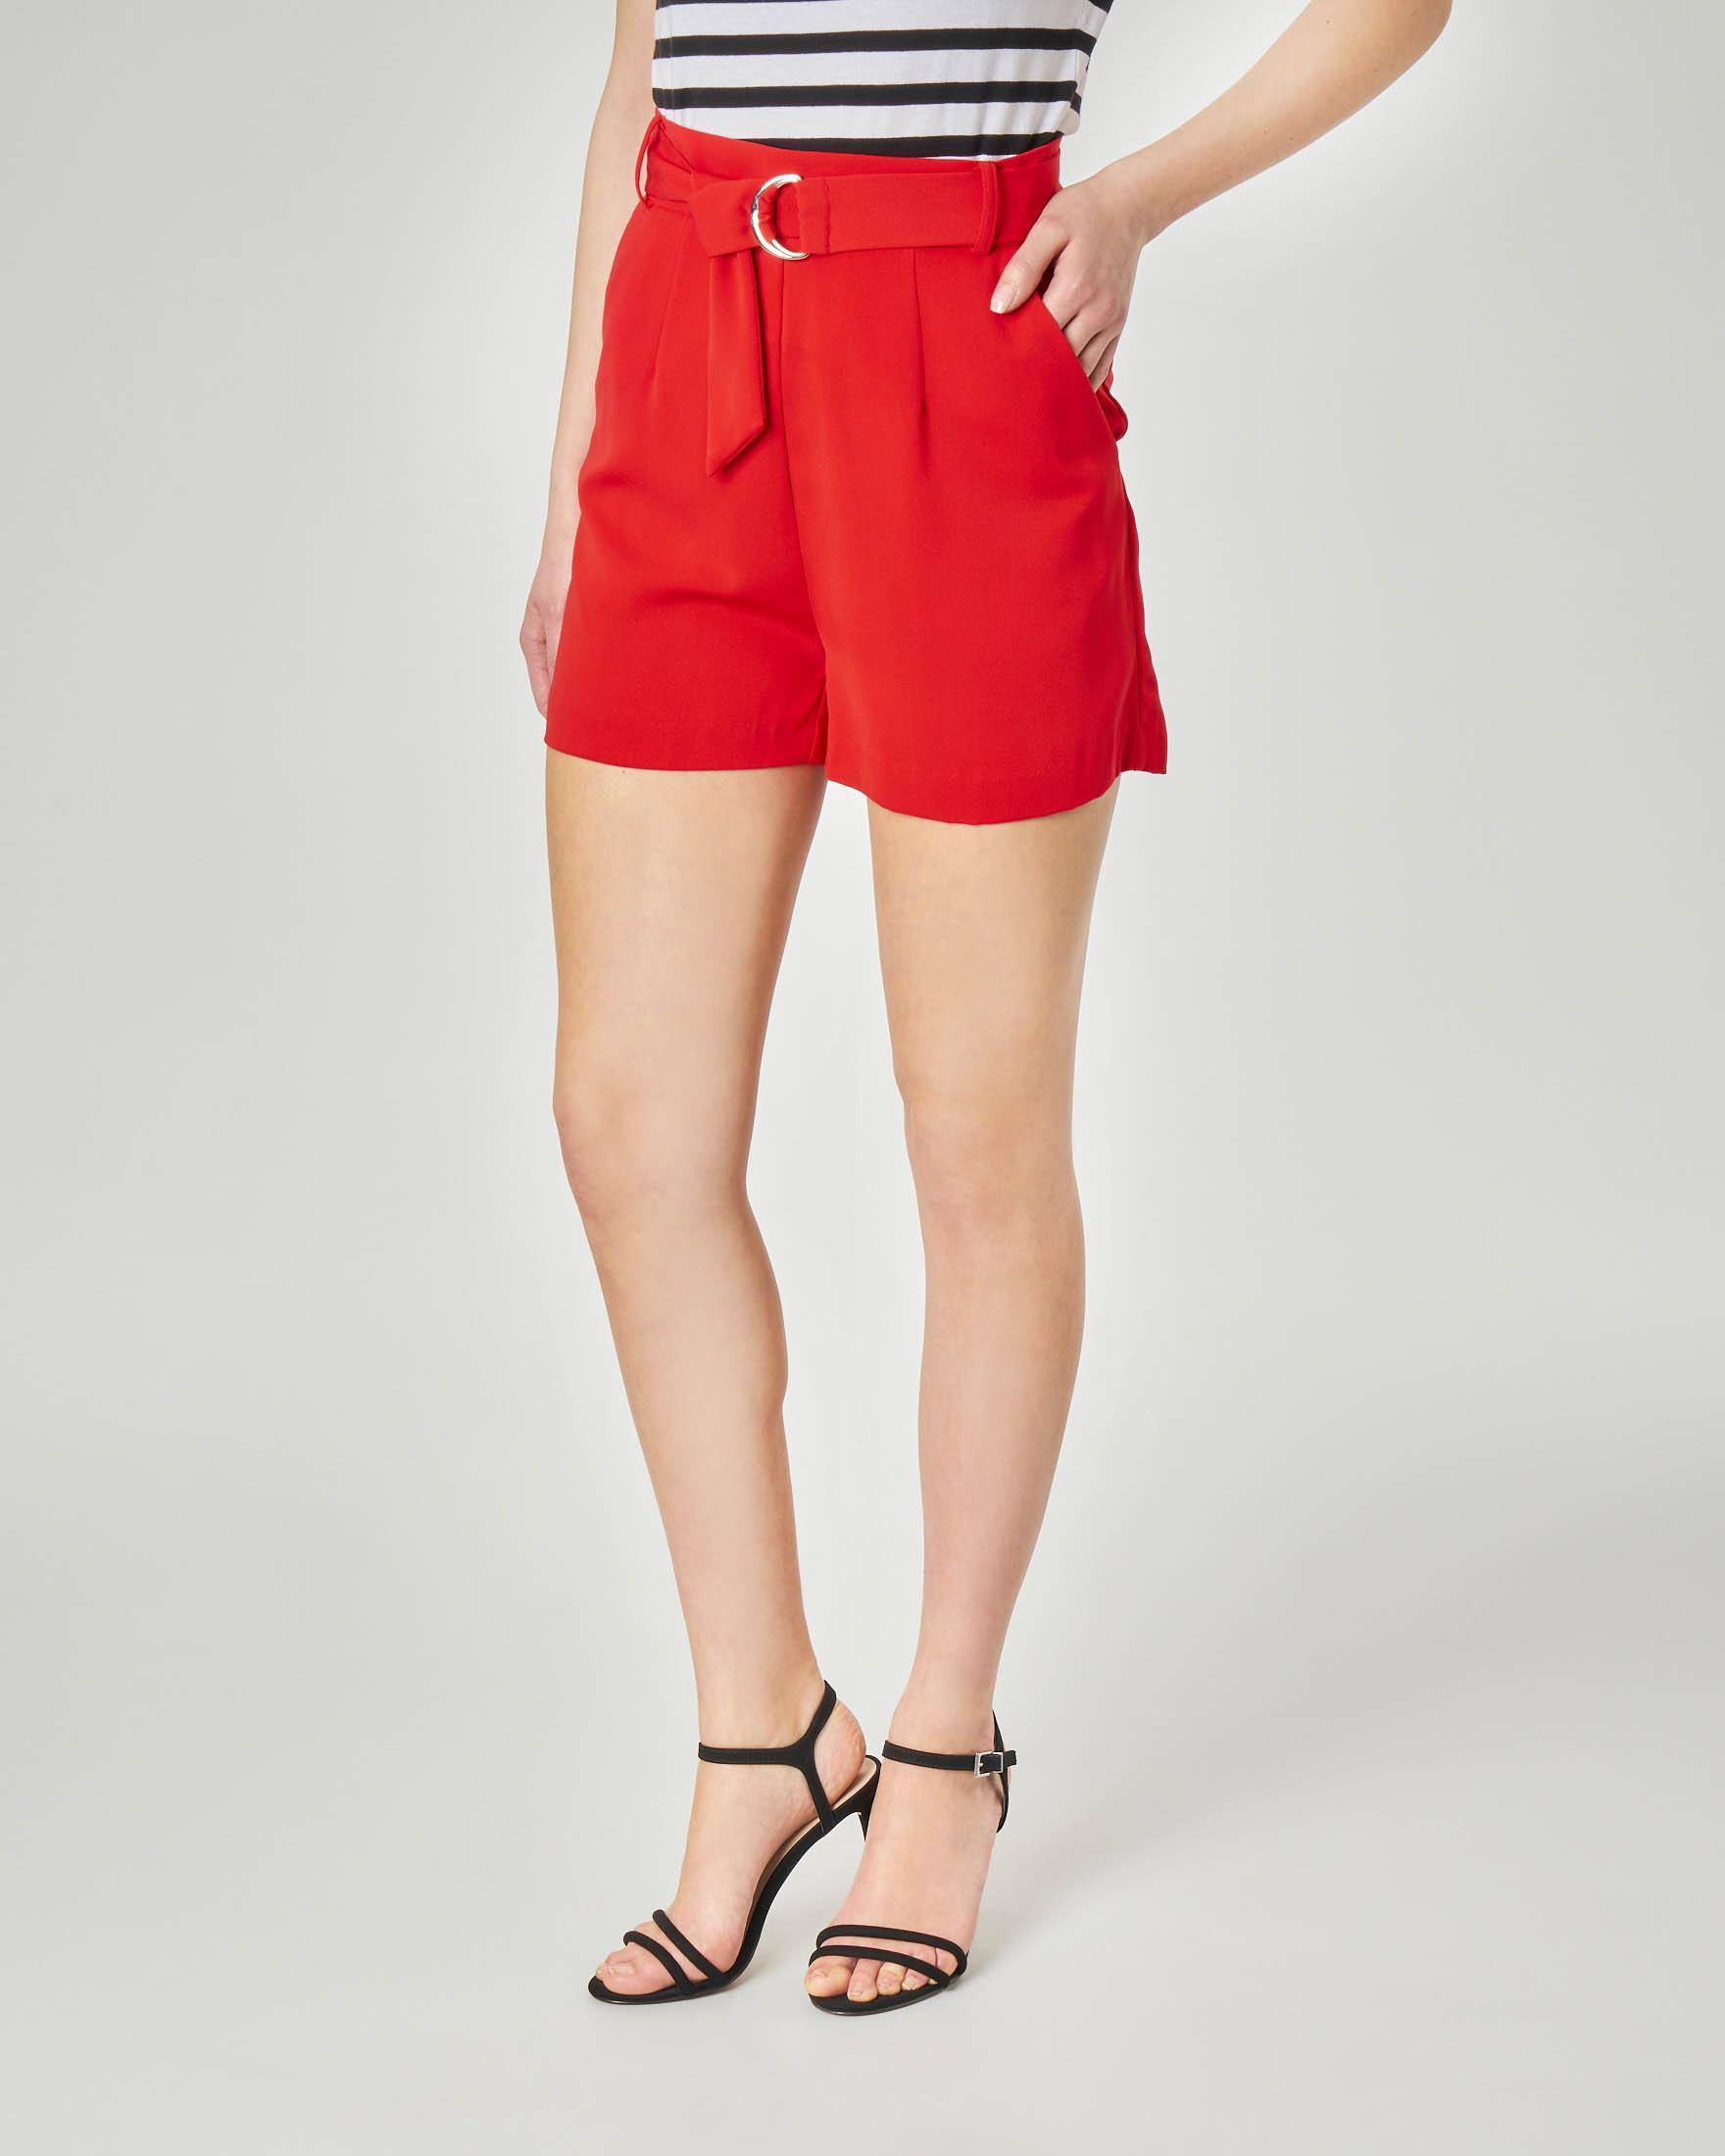 Shorts rossi con cintura in vita e fibbia in metallo